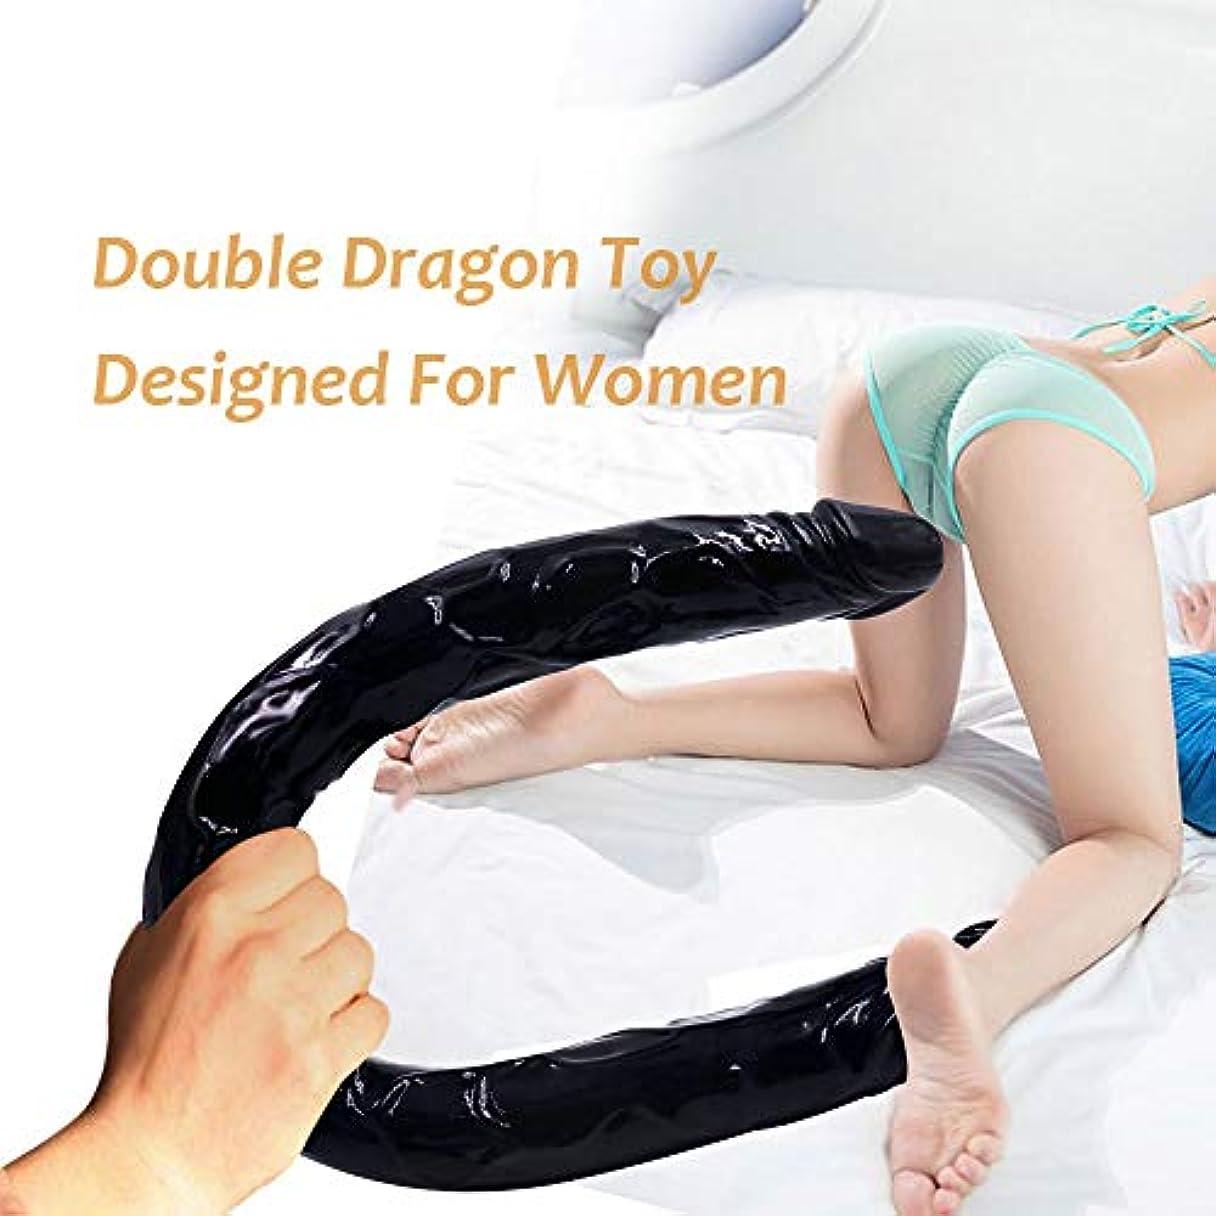 歴史最も早熟KGJJHYBGTOY 柔軟なダブルヘッドマッサージ21.56インチデュアル双頭ボディは女性のフルボディ用マッサージワンドおもちゃを終了したリラックス RELAX MASSAGE BODY